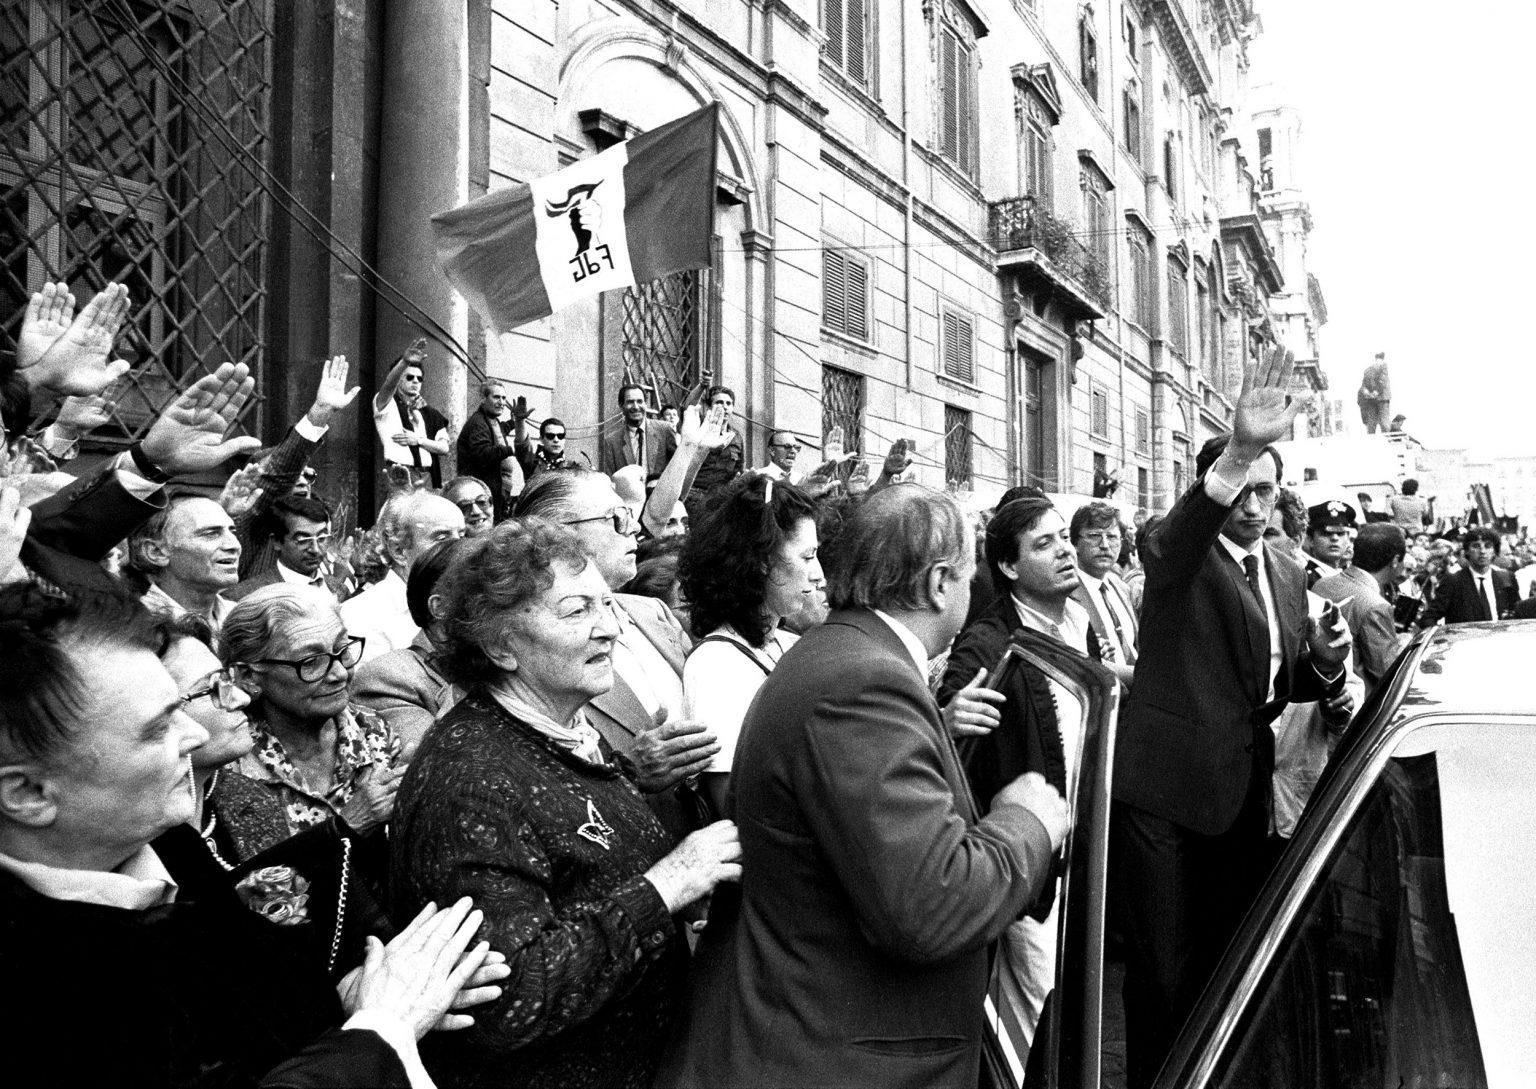 24-maggio-1988-santagnese-in-agone-in-funerali-di-giorgio-almirante-msi-dn-saluto-romano-fascismo-gianfranco-fini-neofascismo-neofascisti-saluto-romano